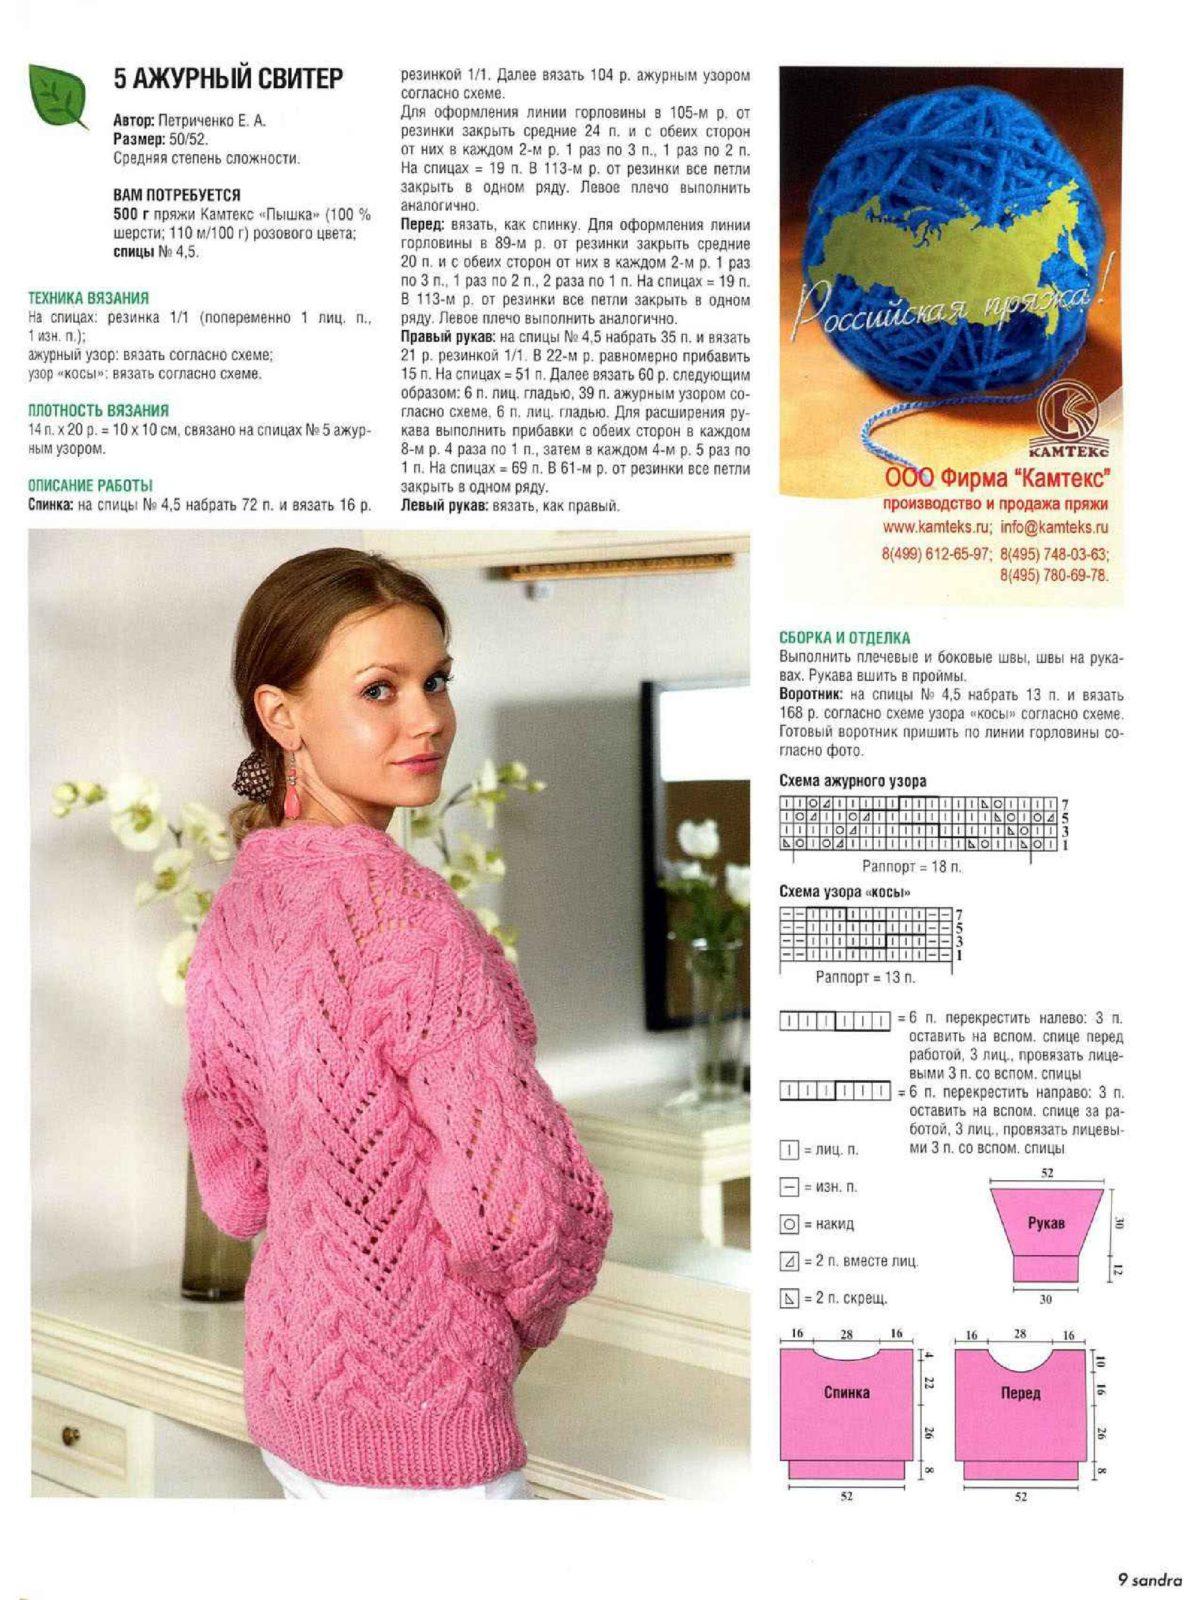 Вязание спицами для женщин модные модели свитеров: схема 1